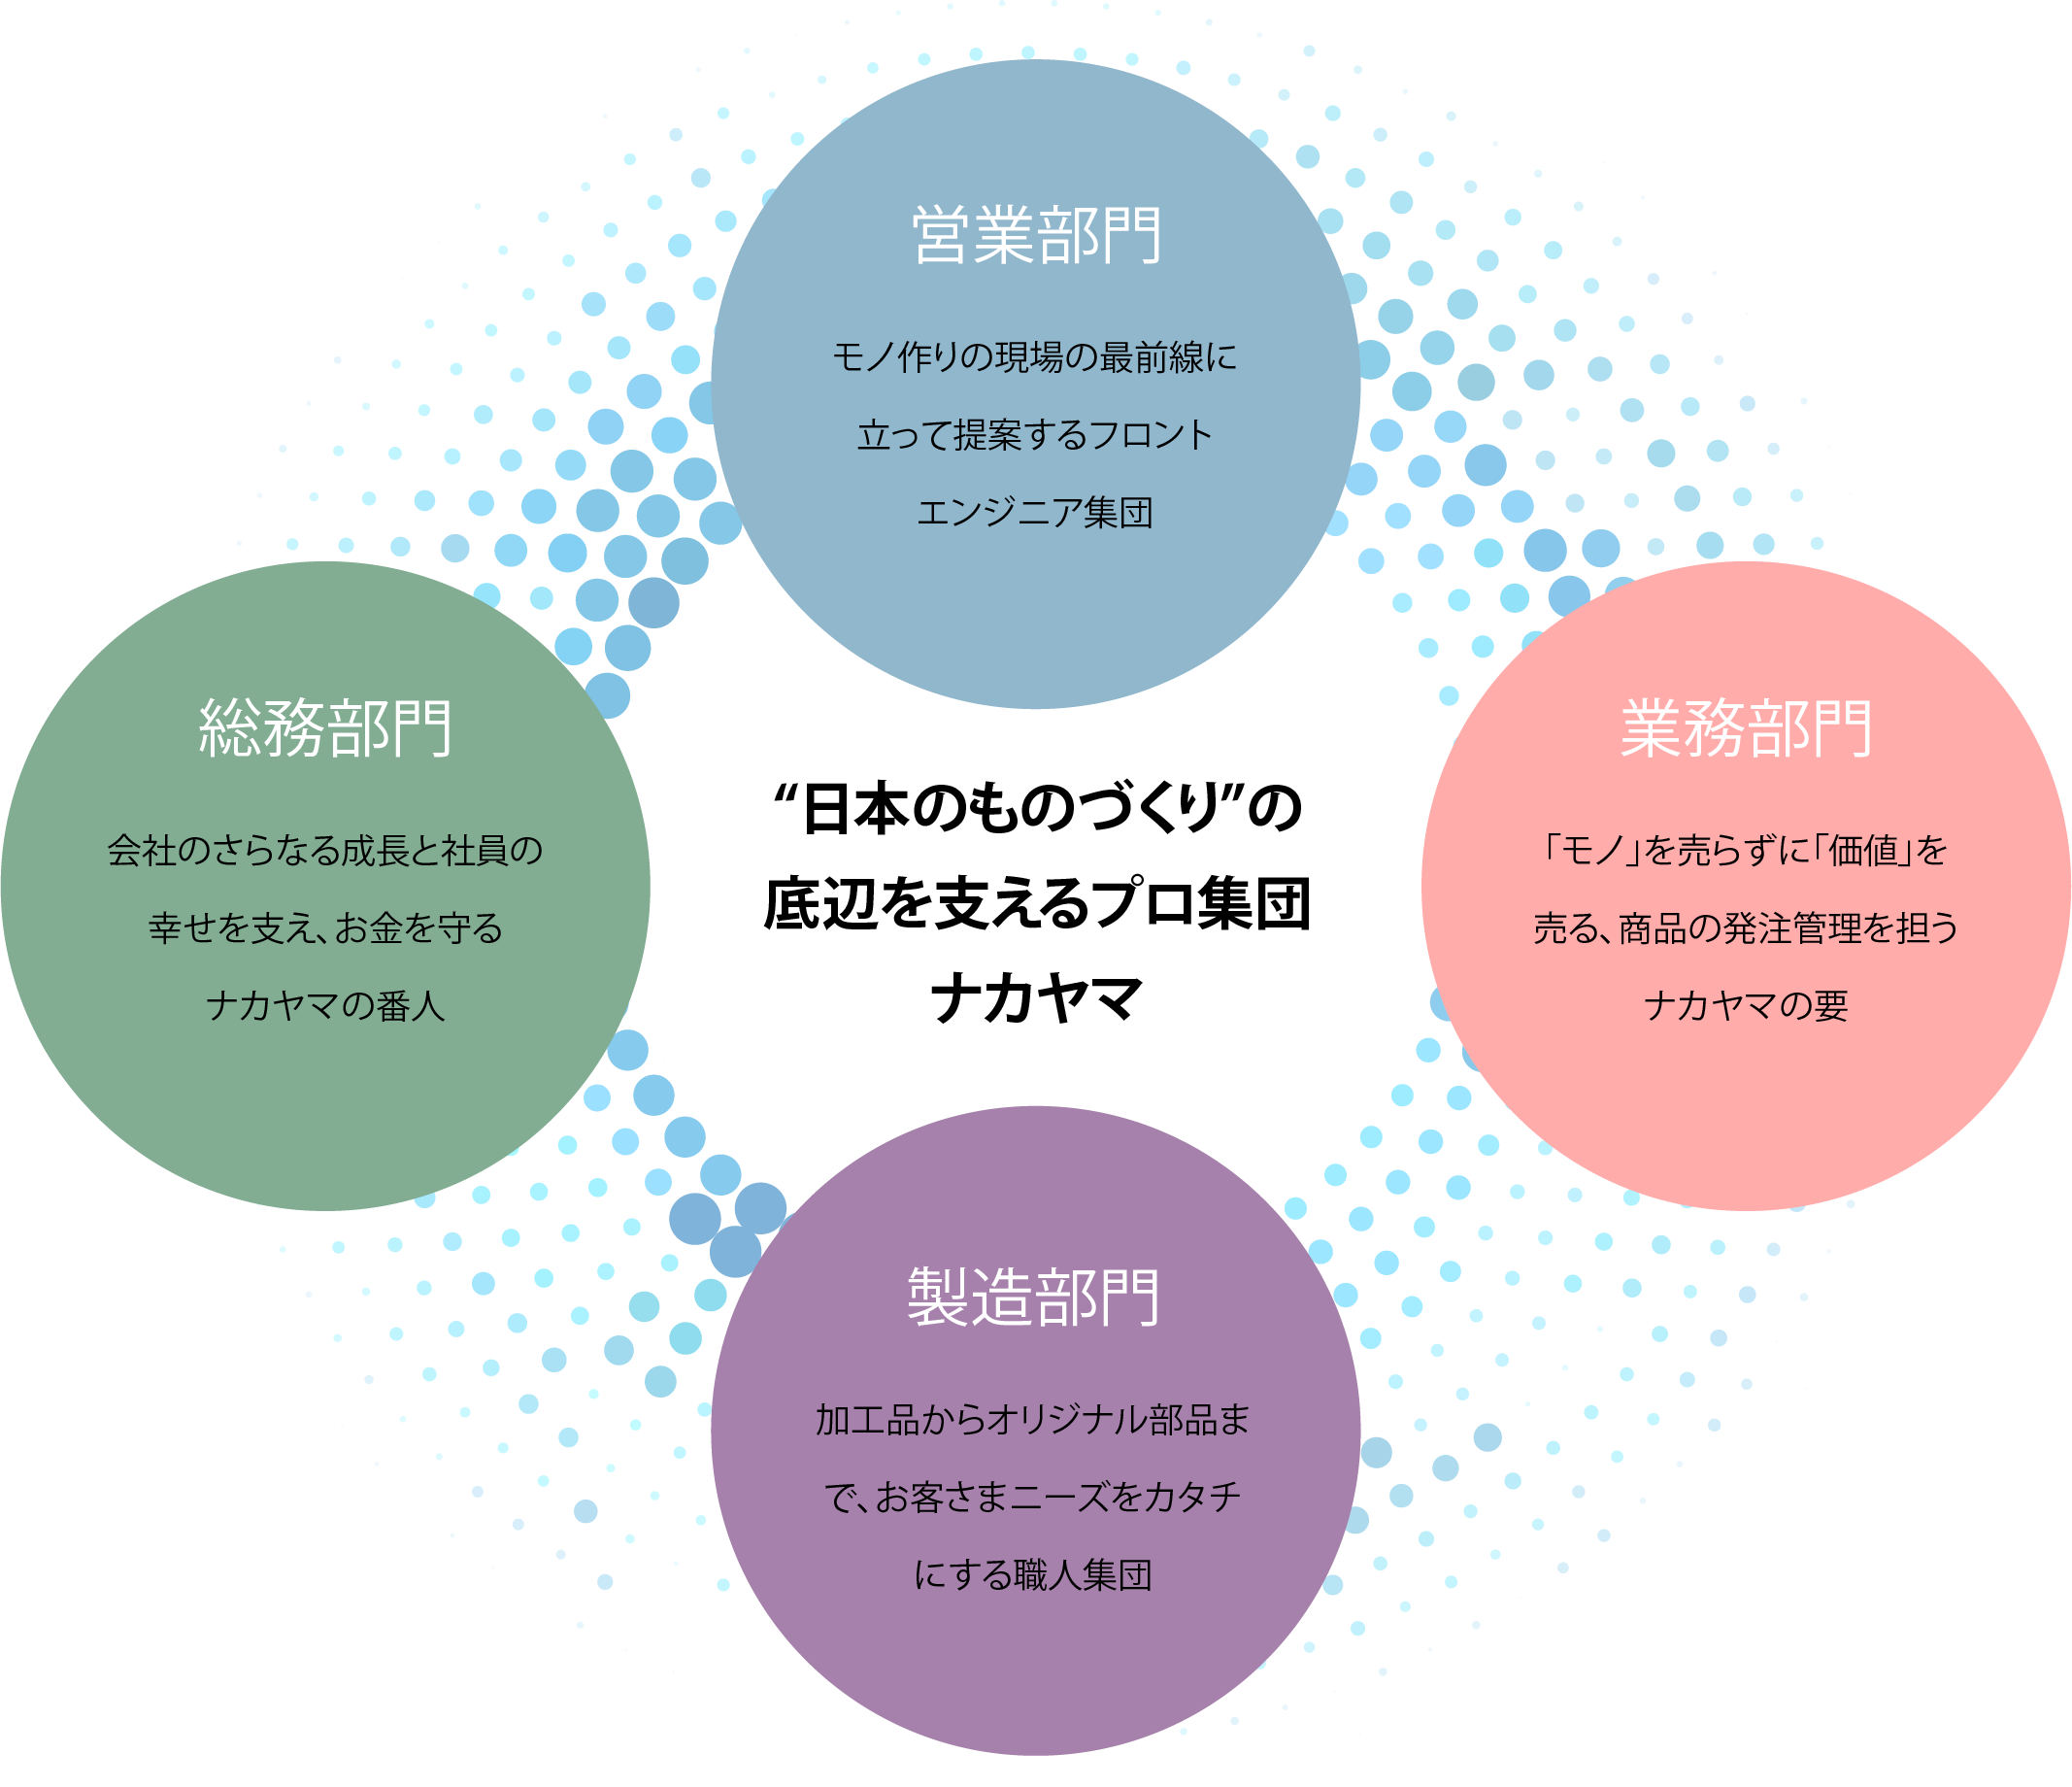 日本のものづくりの底辺を支えるプロ集団